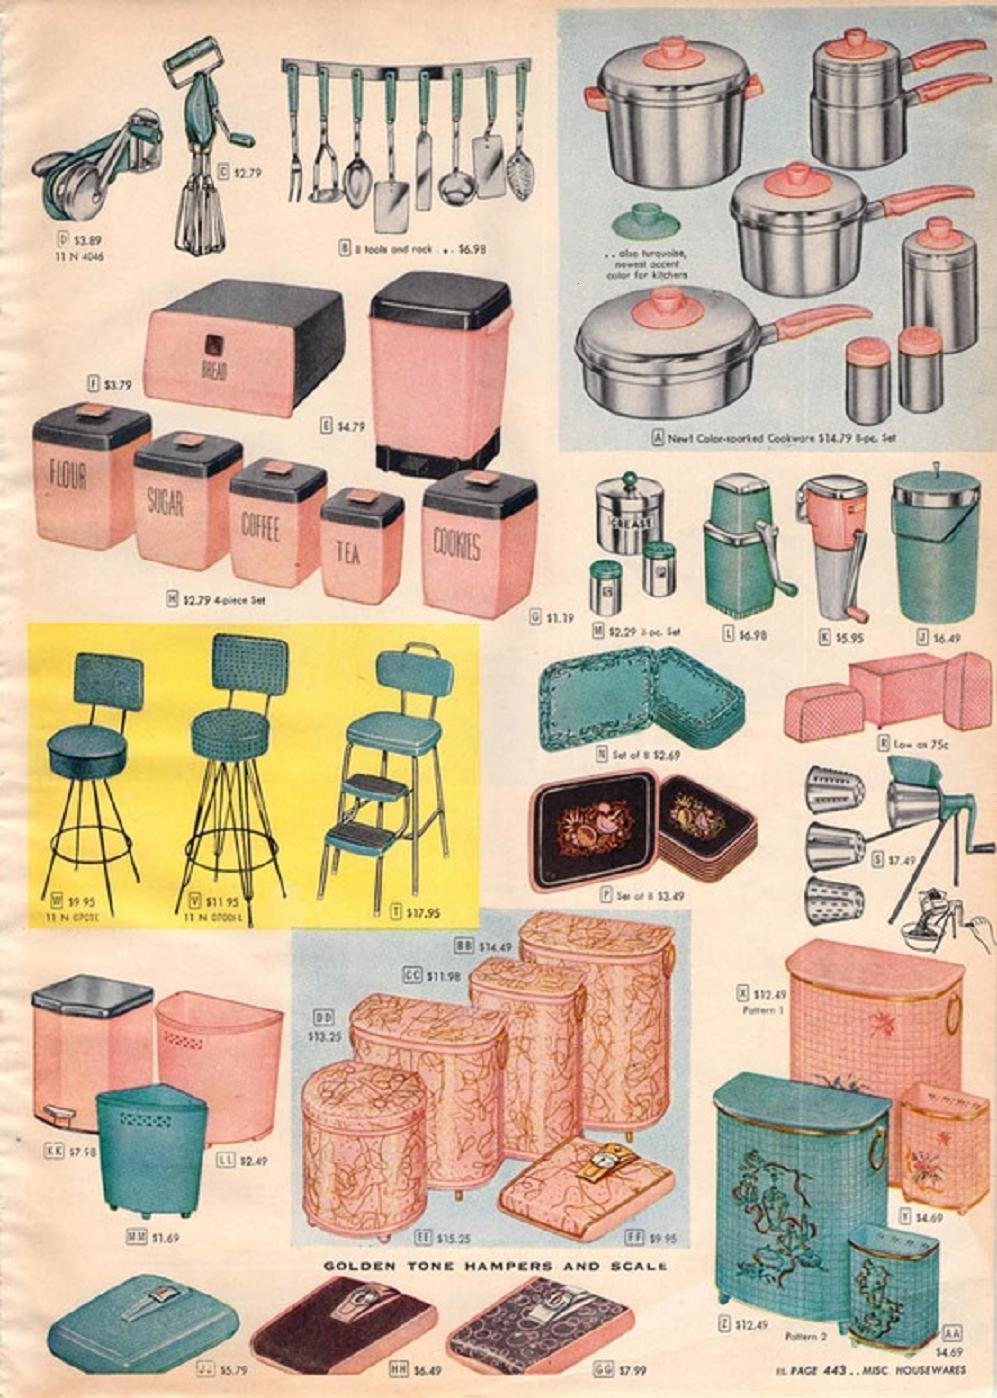 farm girl pink lot 39 s of kitchen goodness vintage. Black Bedroom Furniture Sets. Home Design Ideas